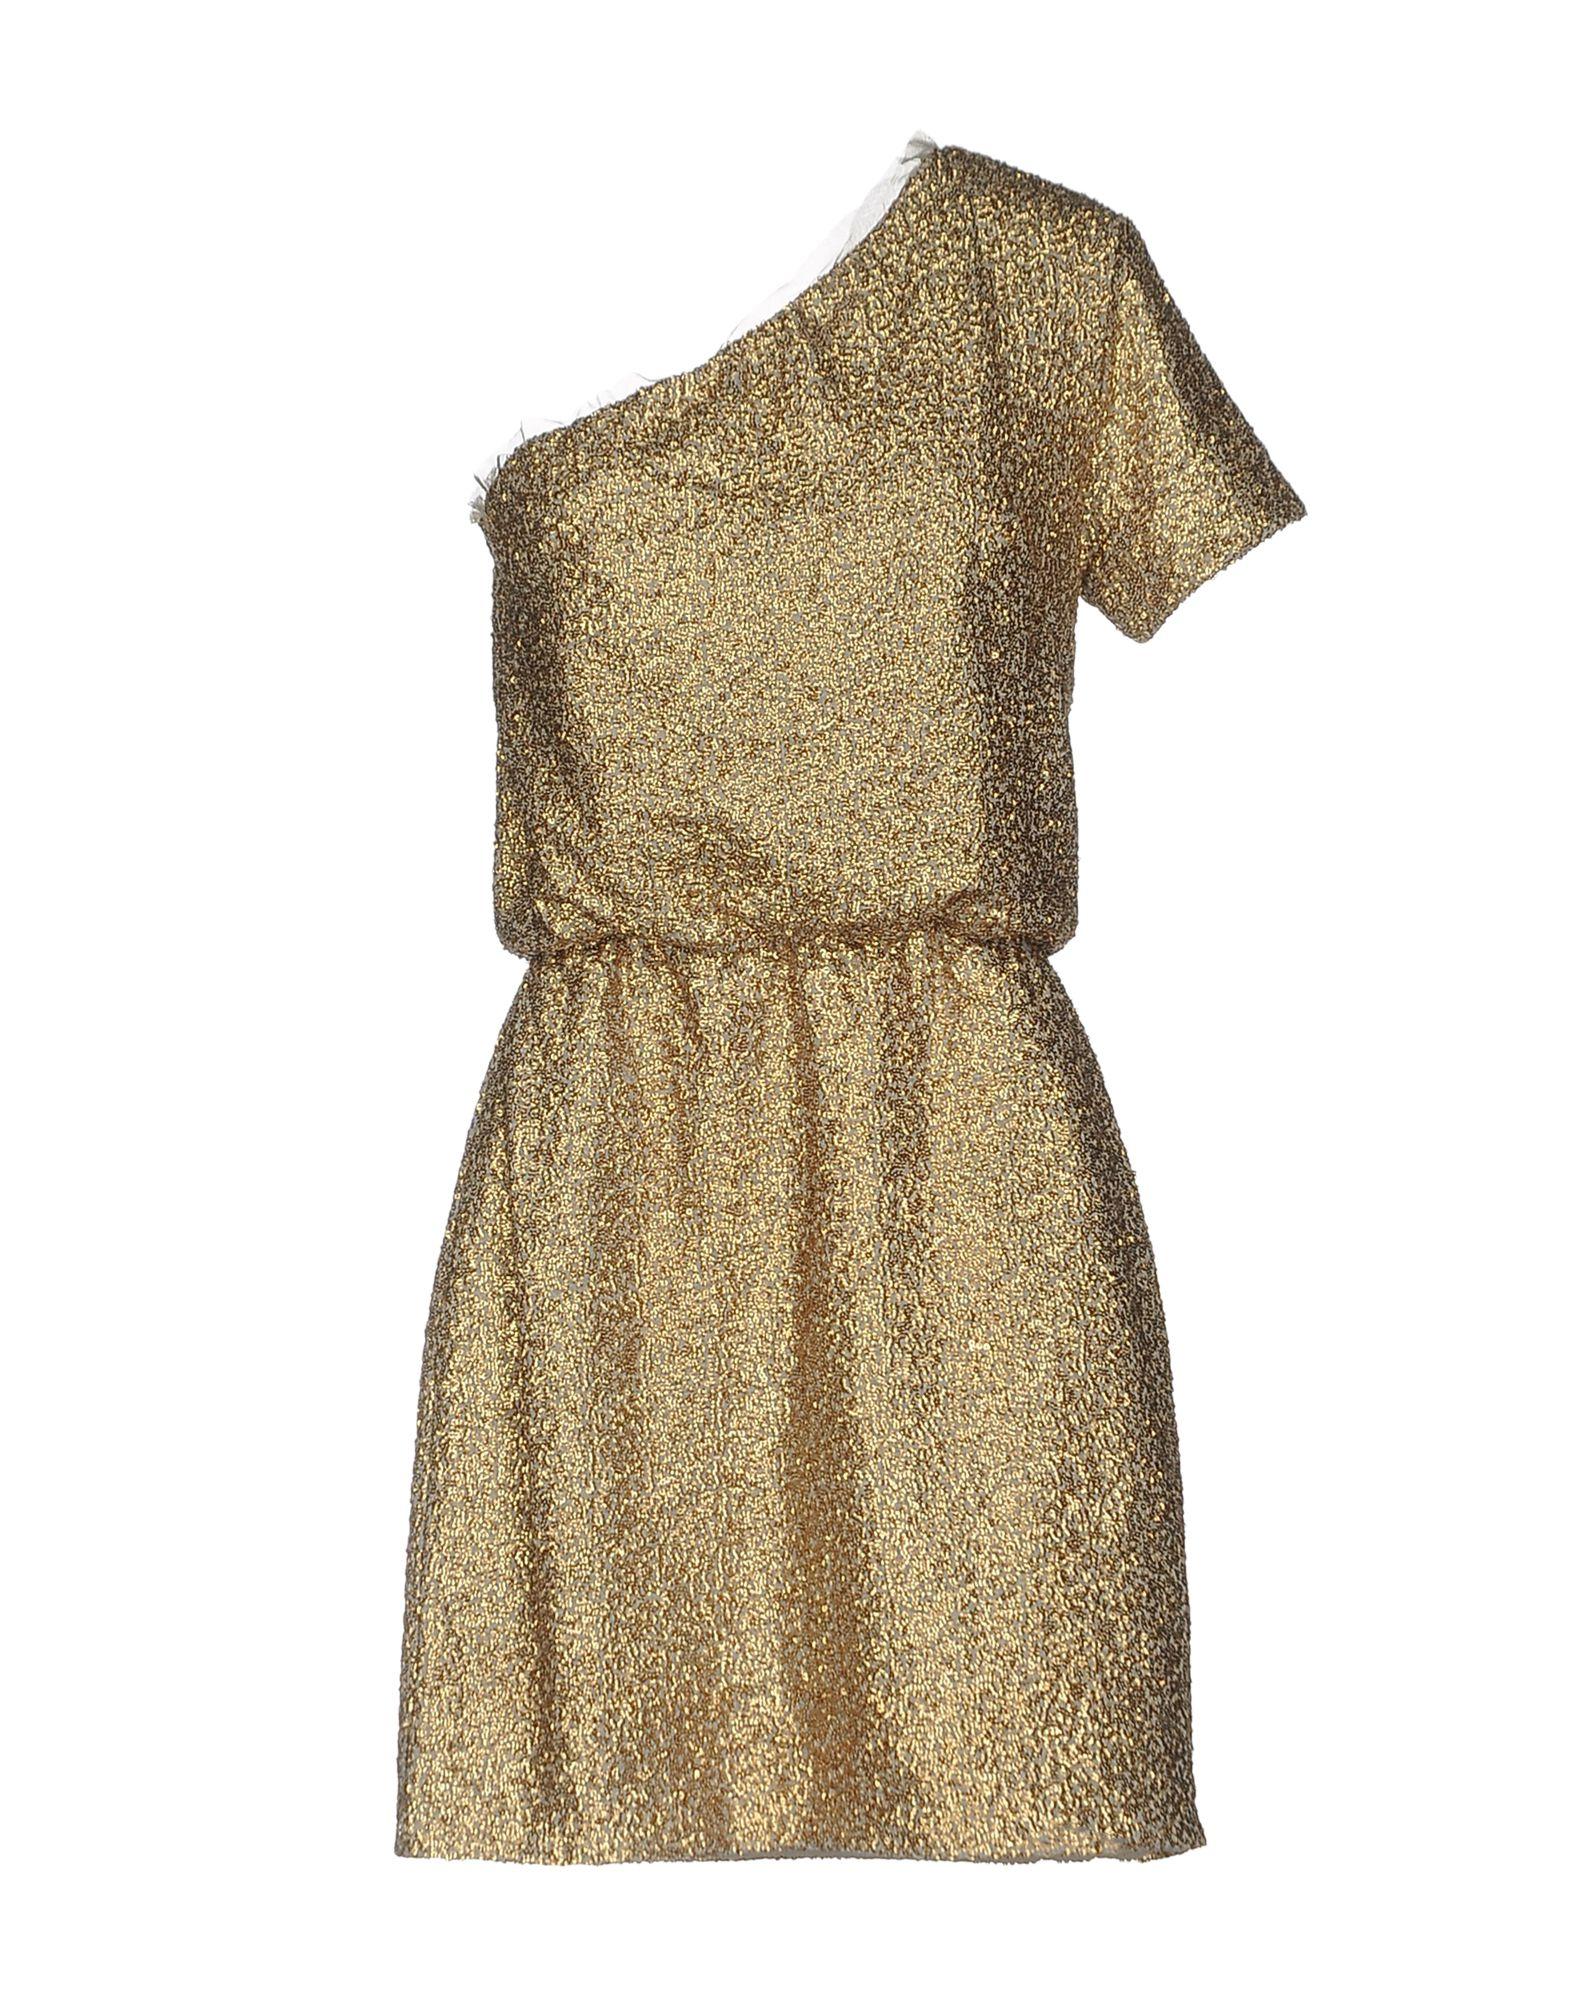 INTROPIA Damen Kurzes Kleid Farbe Gold Größe 6